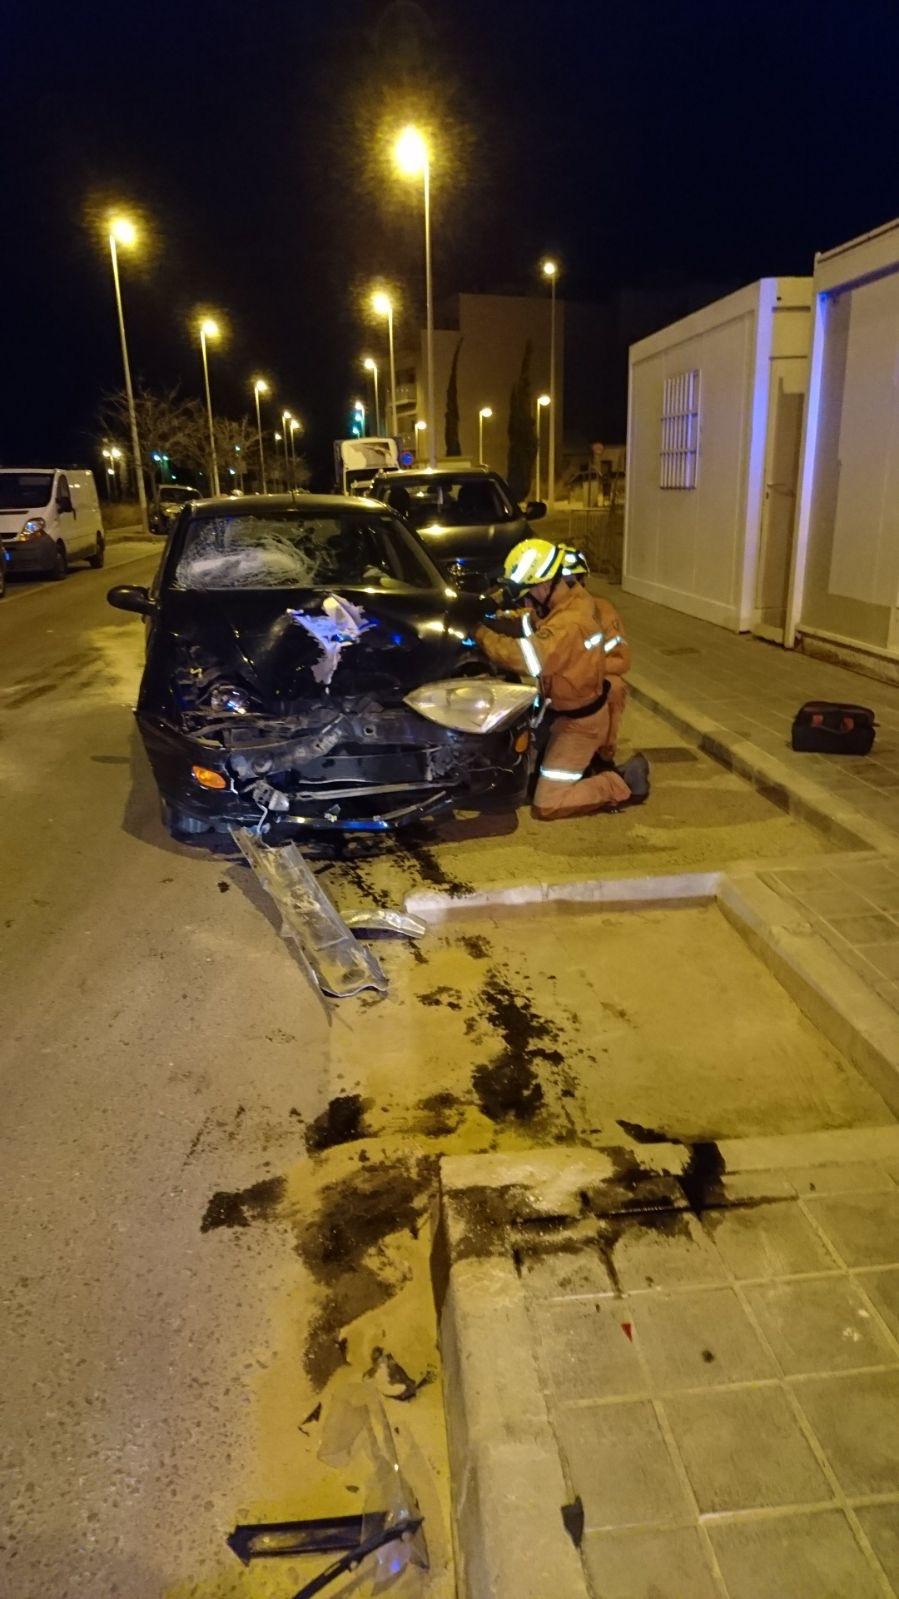 Una imagen del accidente ocurrido en Llíria facilitada por el Consorcio Provincial de Bomberos.